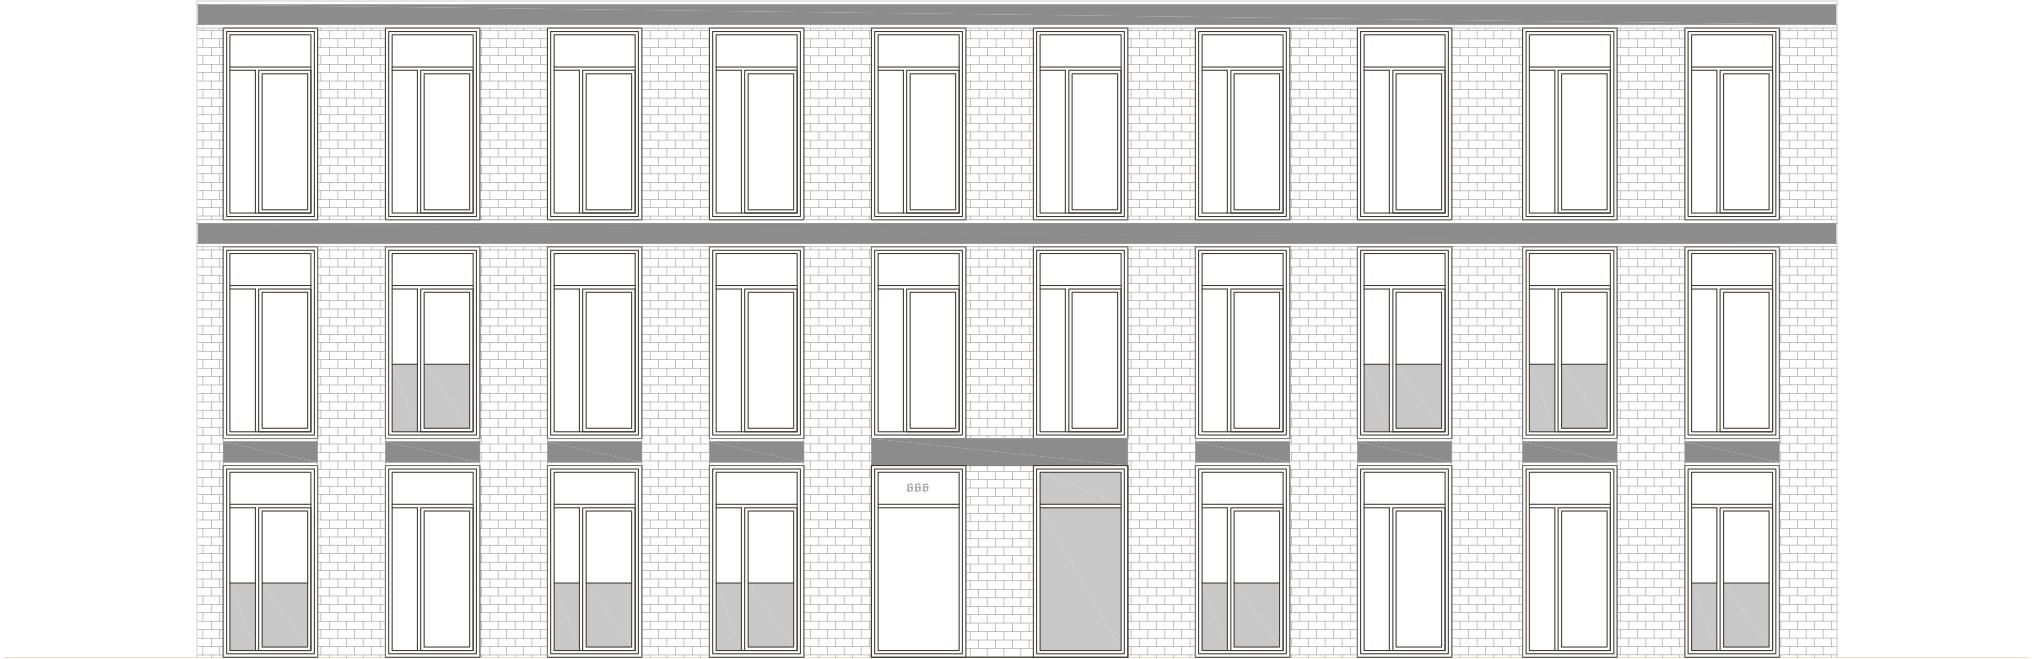 3 étages = densité 1.94